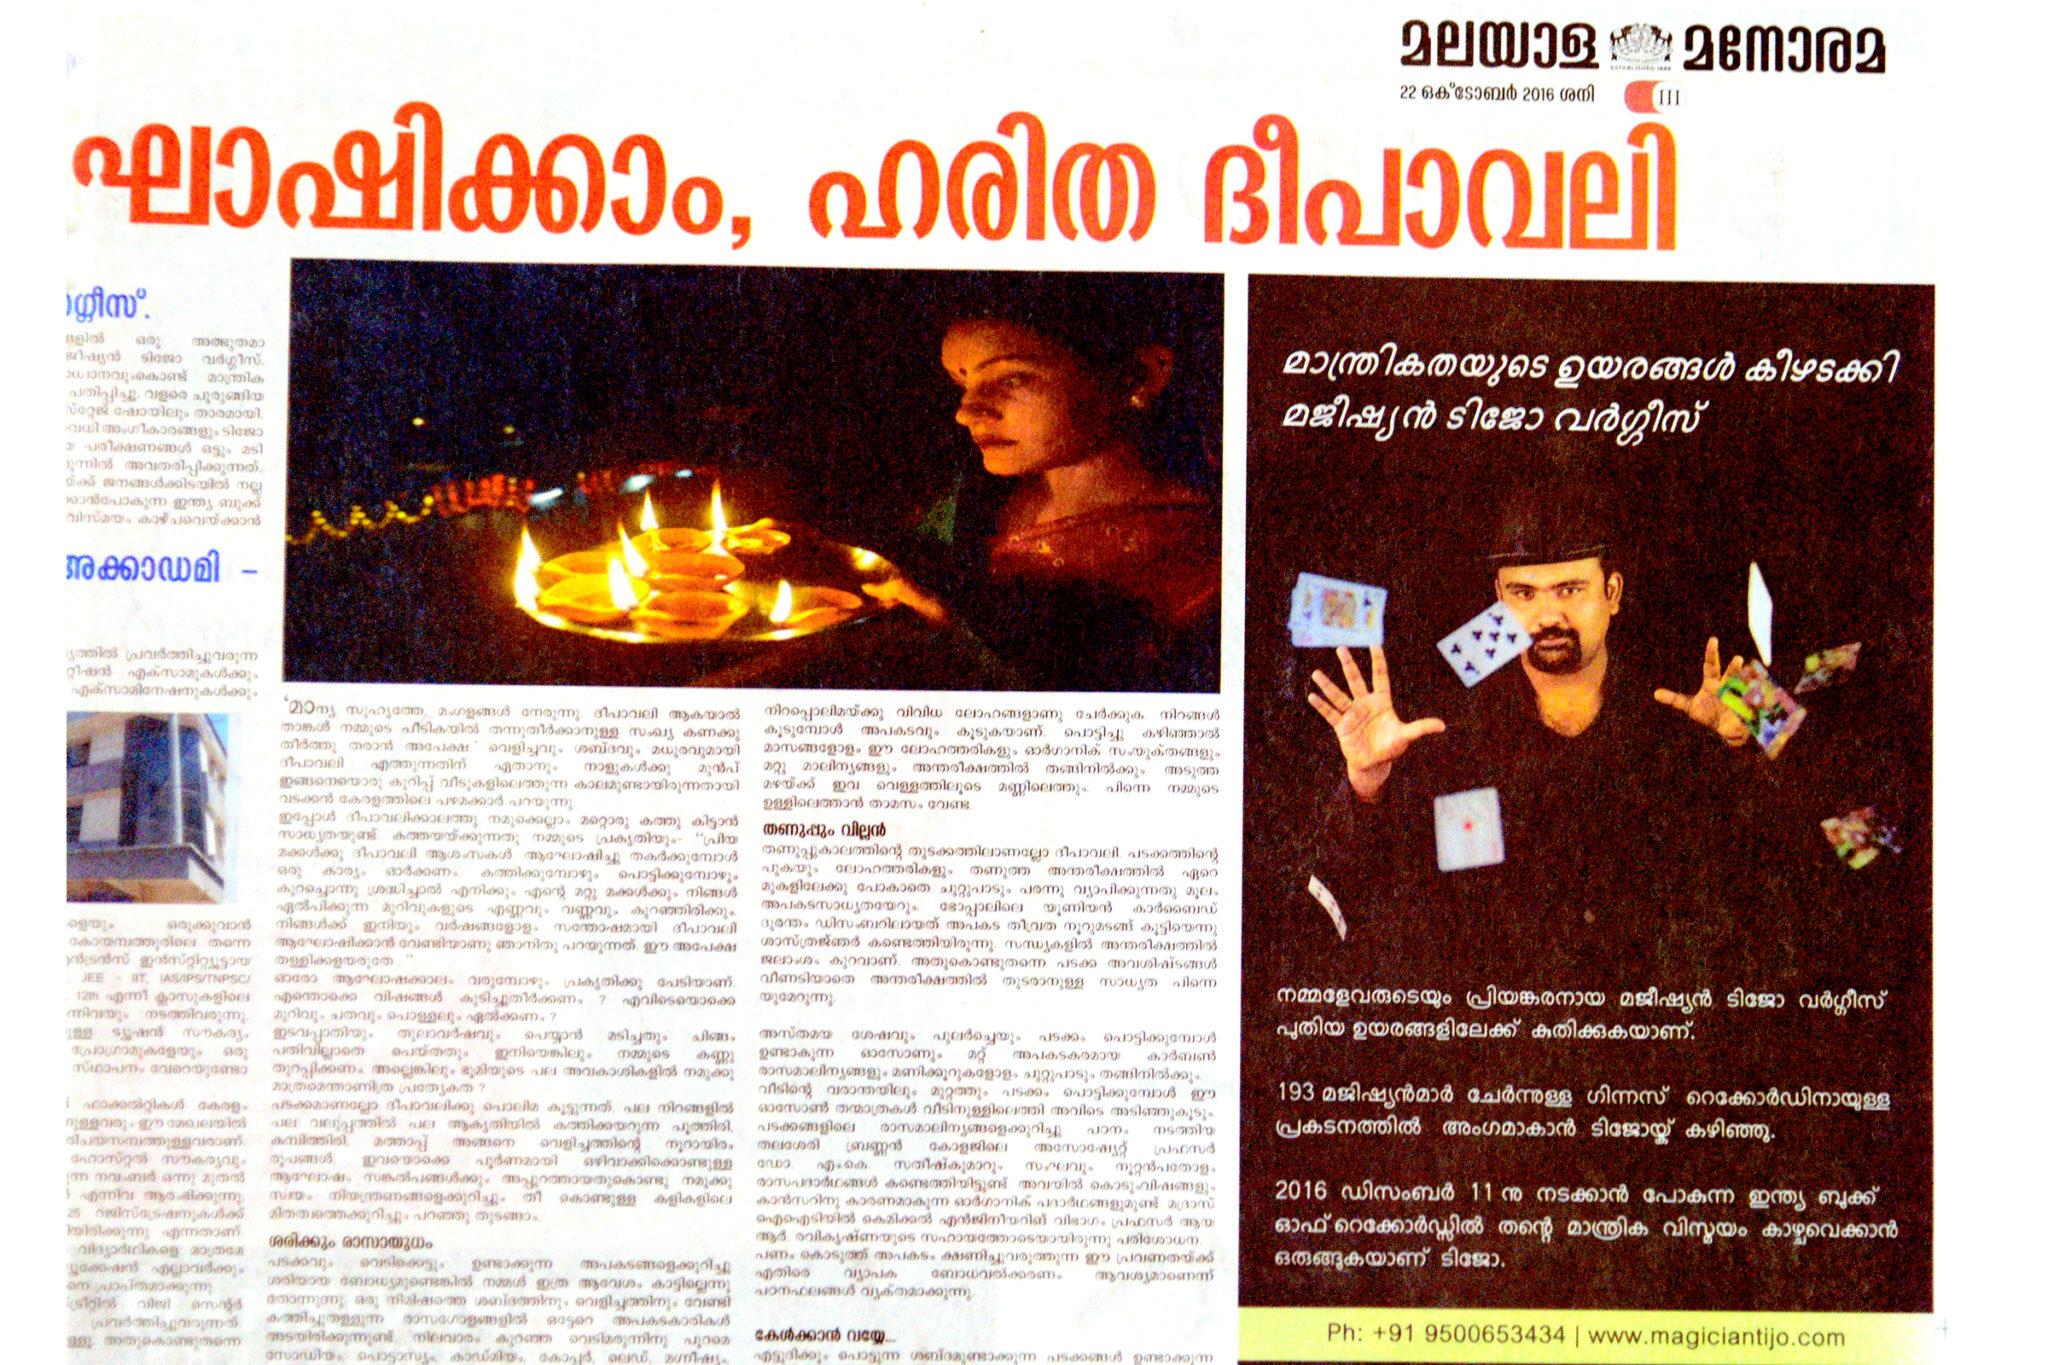 Malayalam Manorama Article Dated on 22.10.16